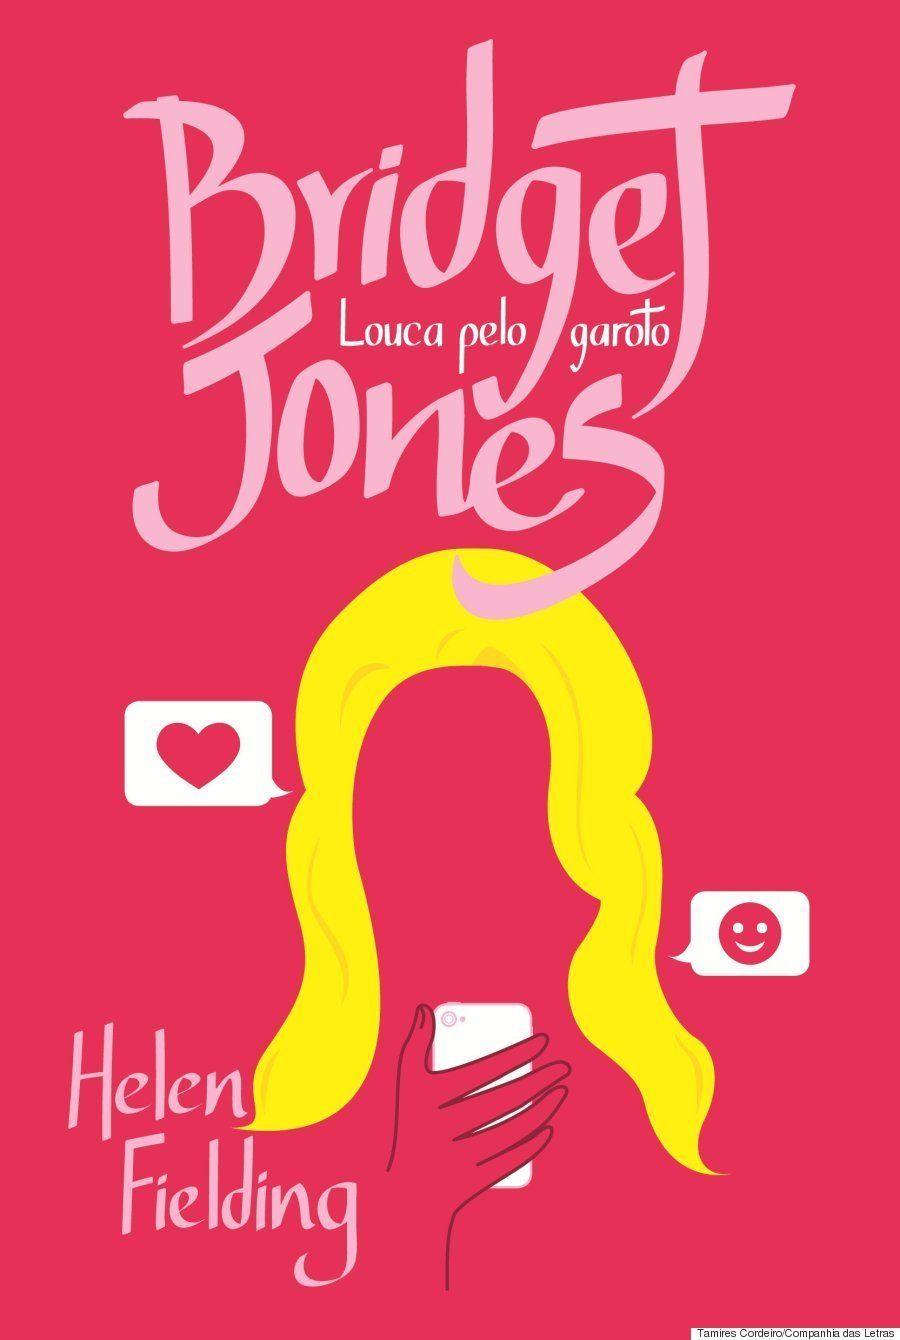 'Bridget Jones': Livros da série invadem prateleiras com novas